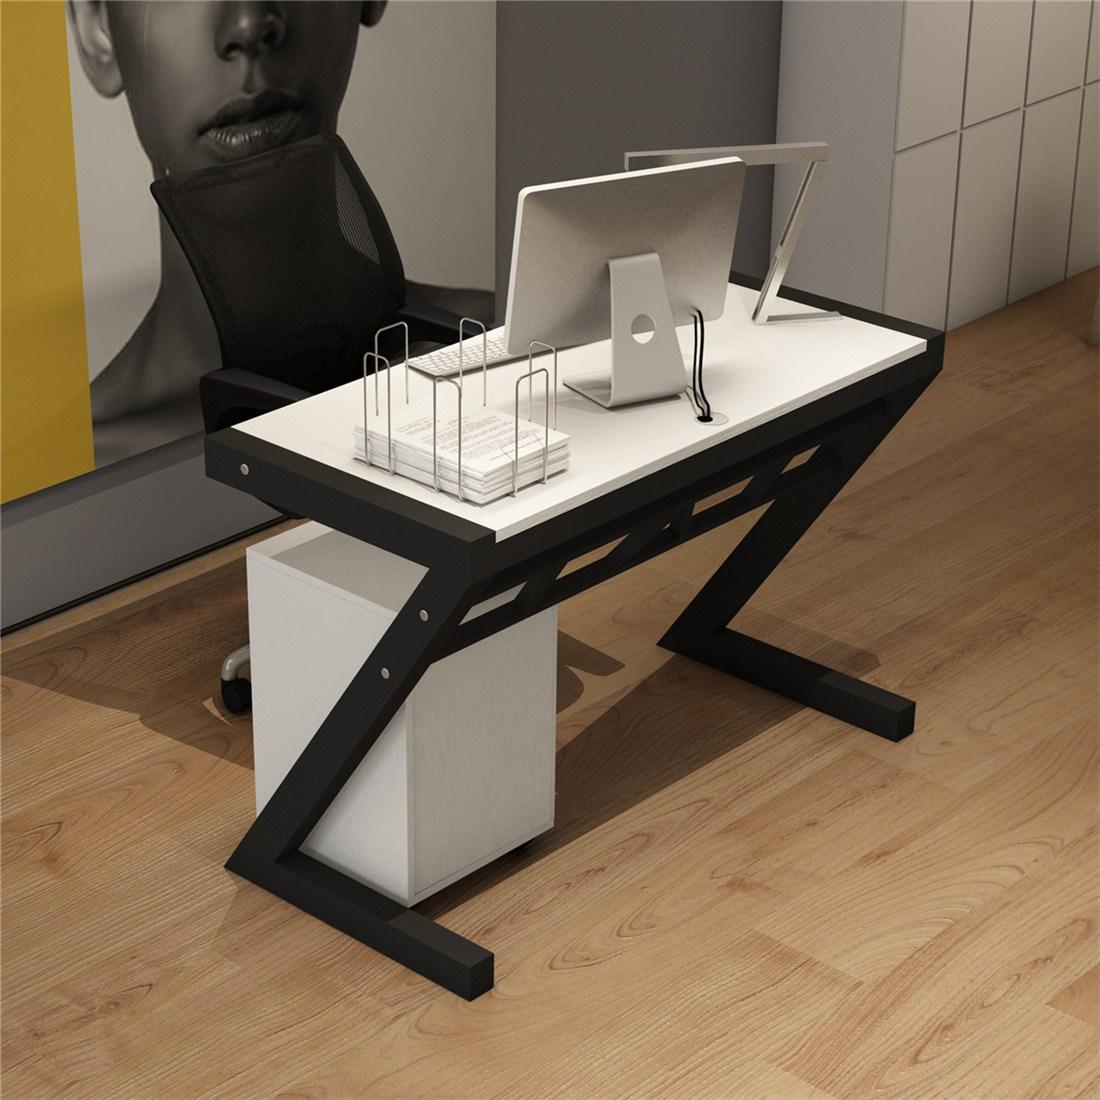 사무용의자 사무실테이블 의자조합 직원 작업공간 사륙 인용, T01-싱글(컬러)